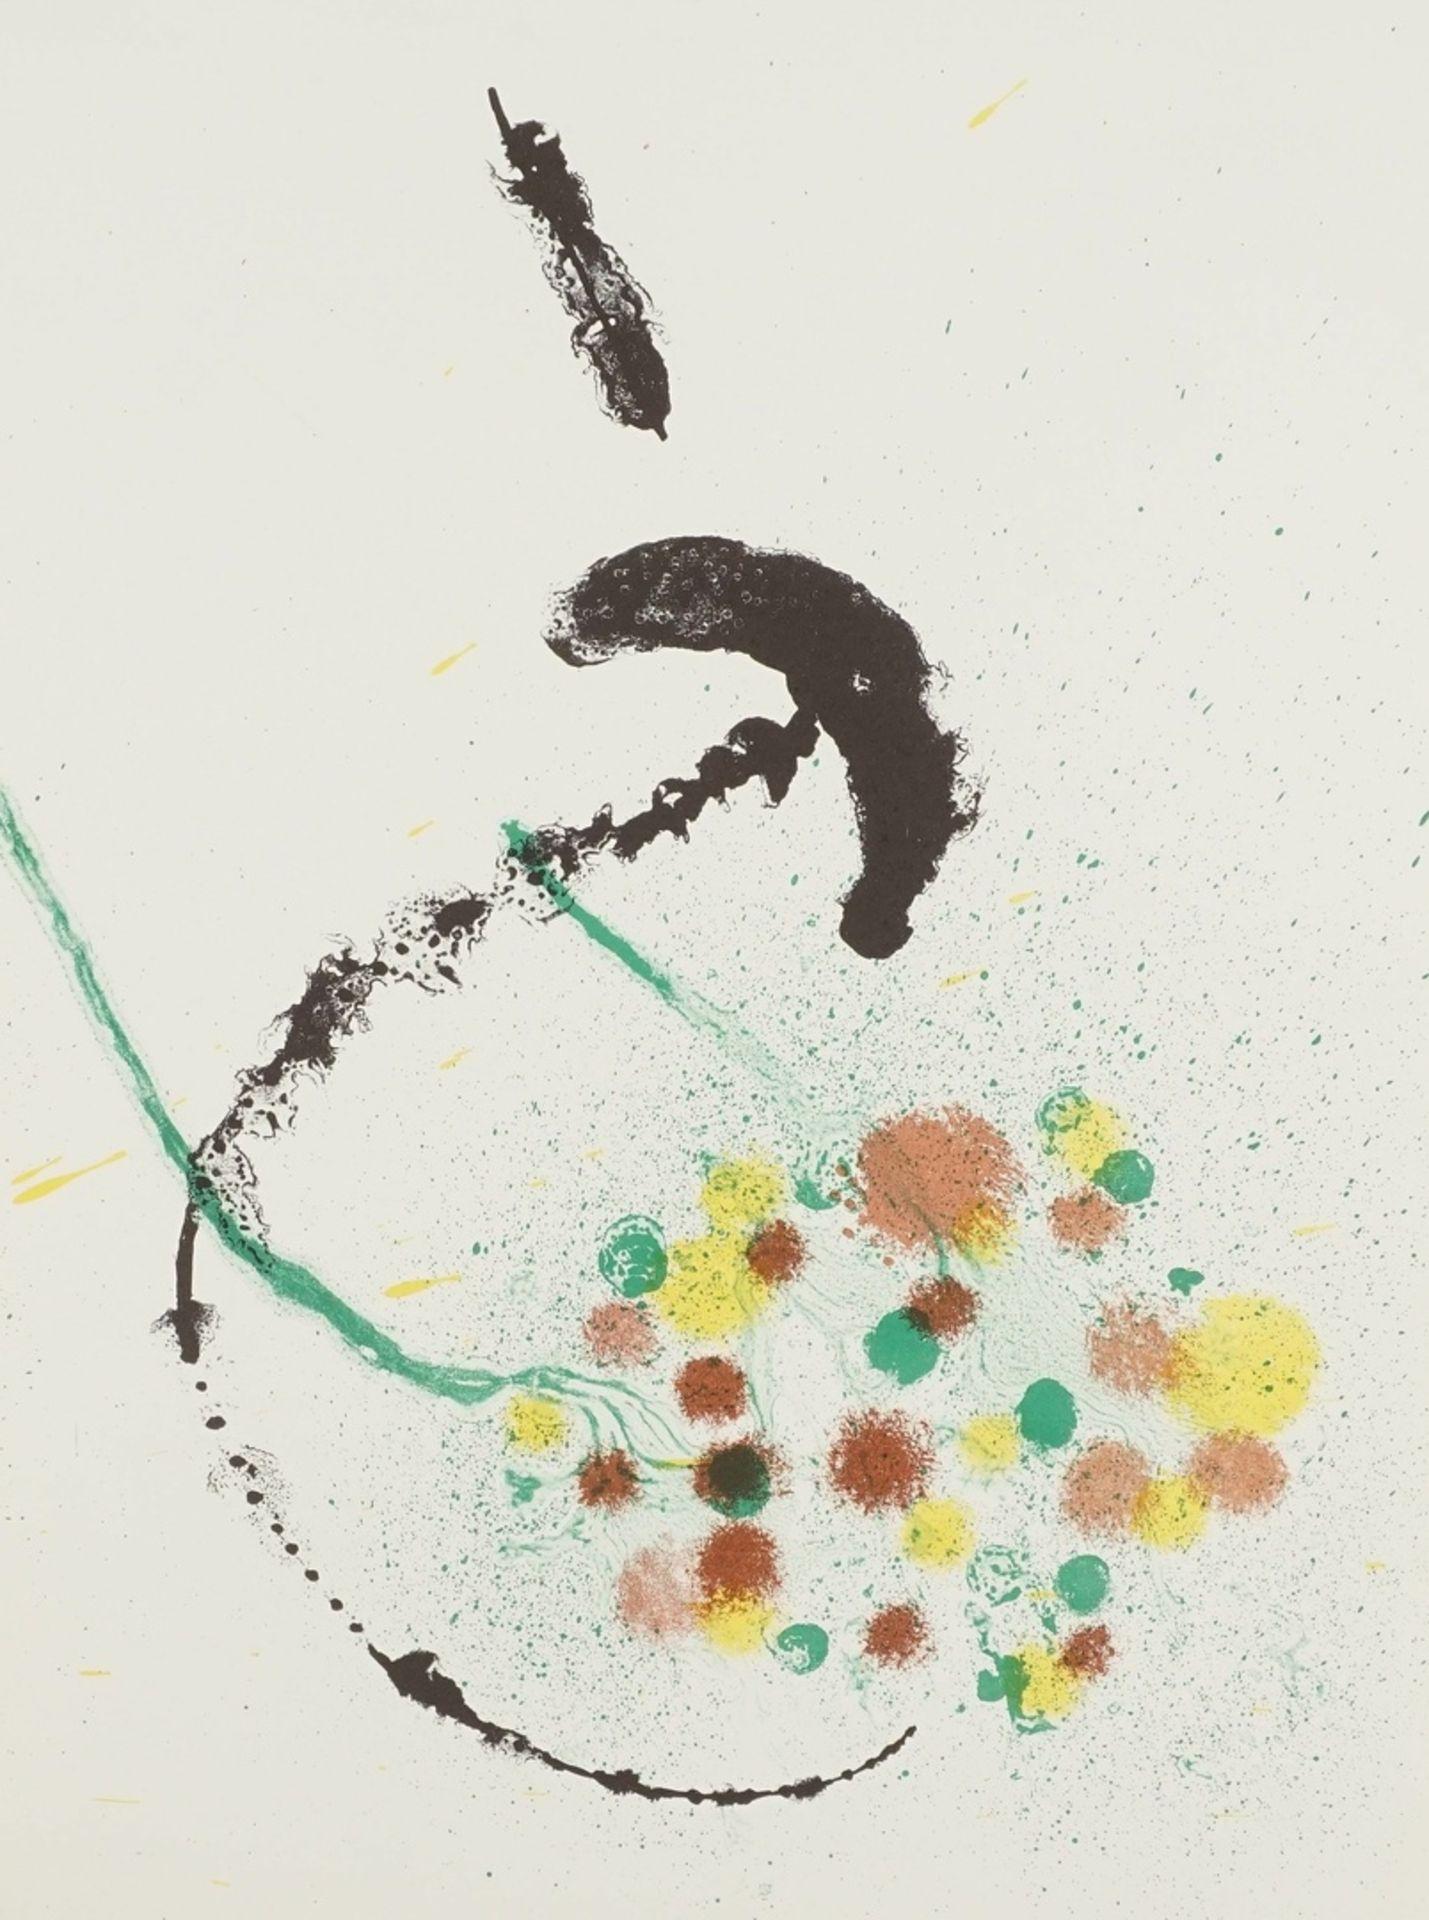 """Joan Miró, """"La Fille du Jardinier I - Composition III"""" (Die Tochter des Gärtners, Komposition III)"""